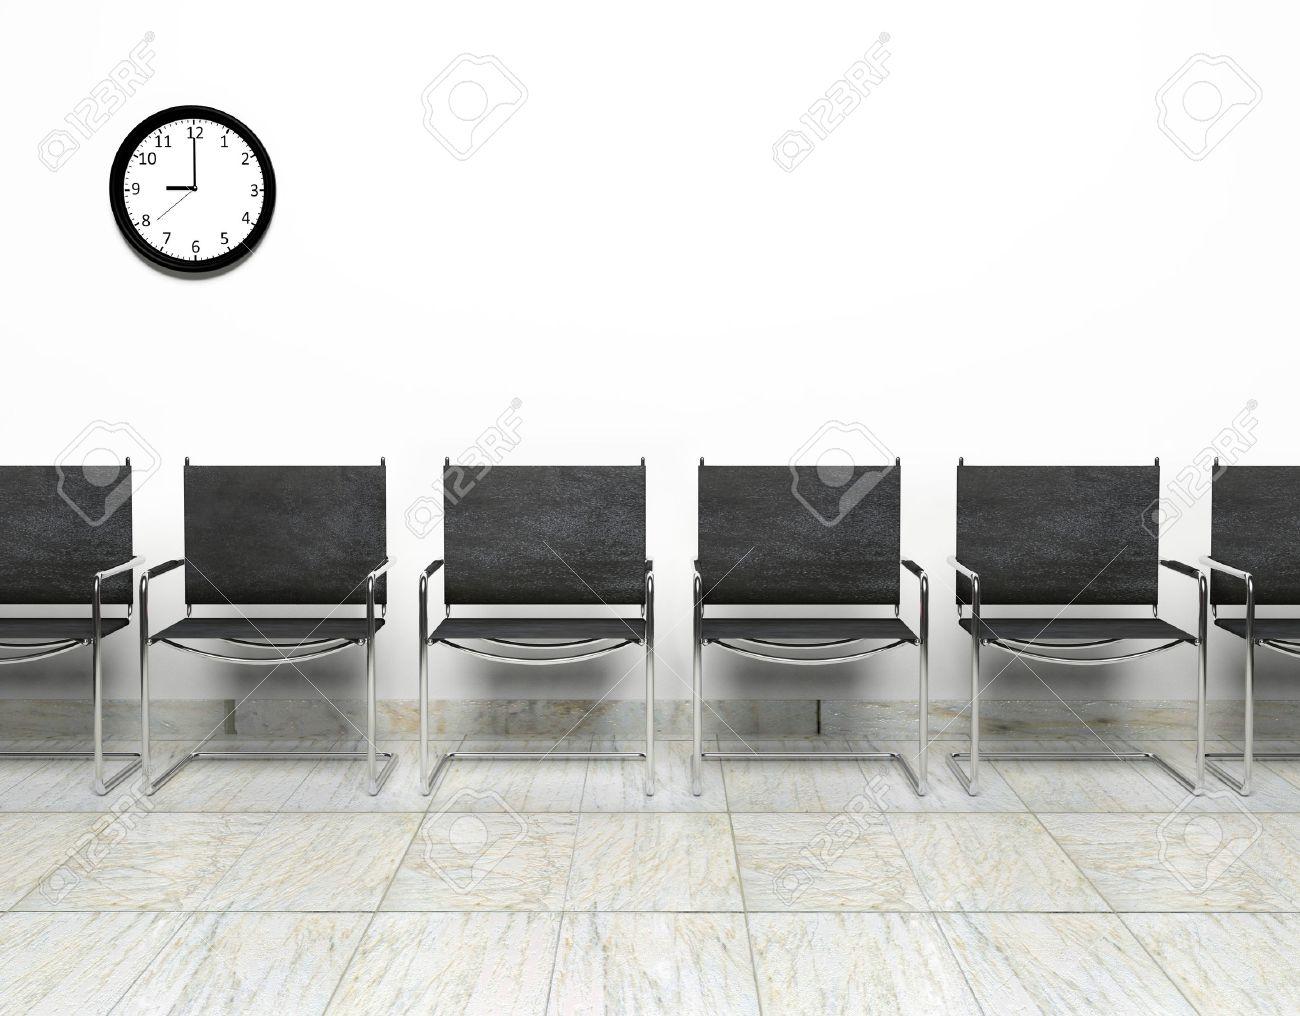 Reihe Der Stühle Im Wartezimmer Lizenzfreie Fotos Bilder Und Stock